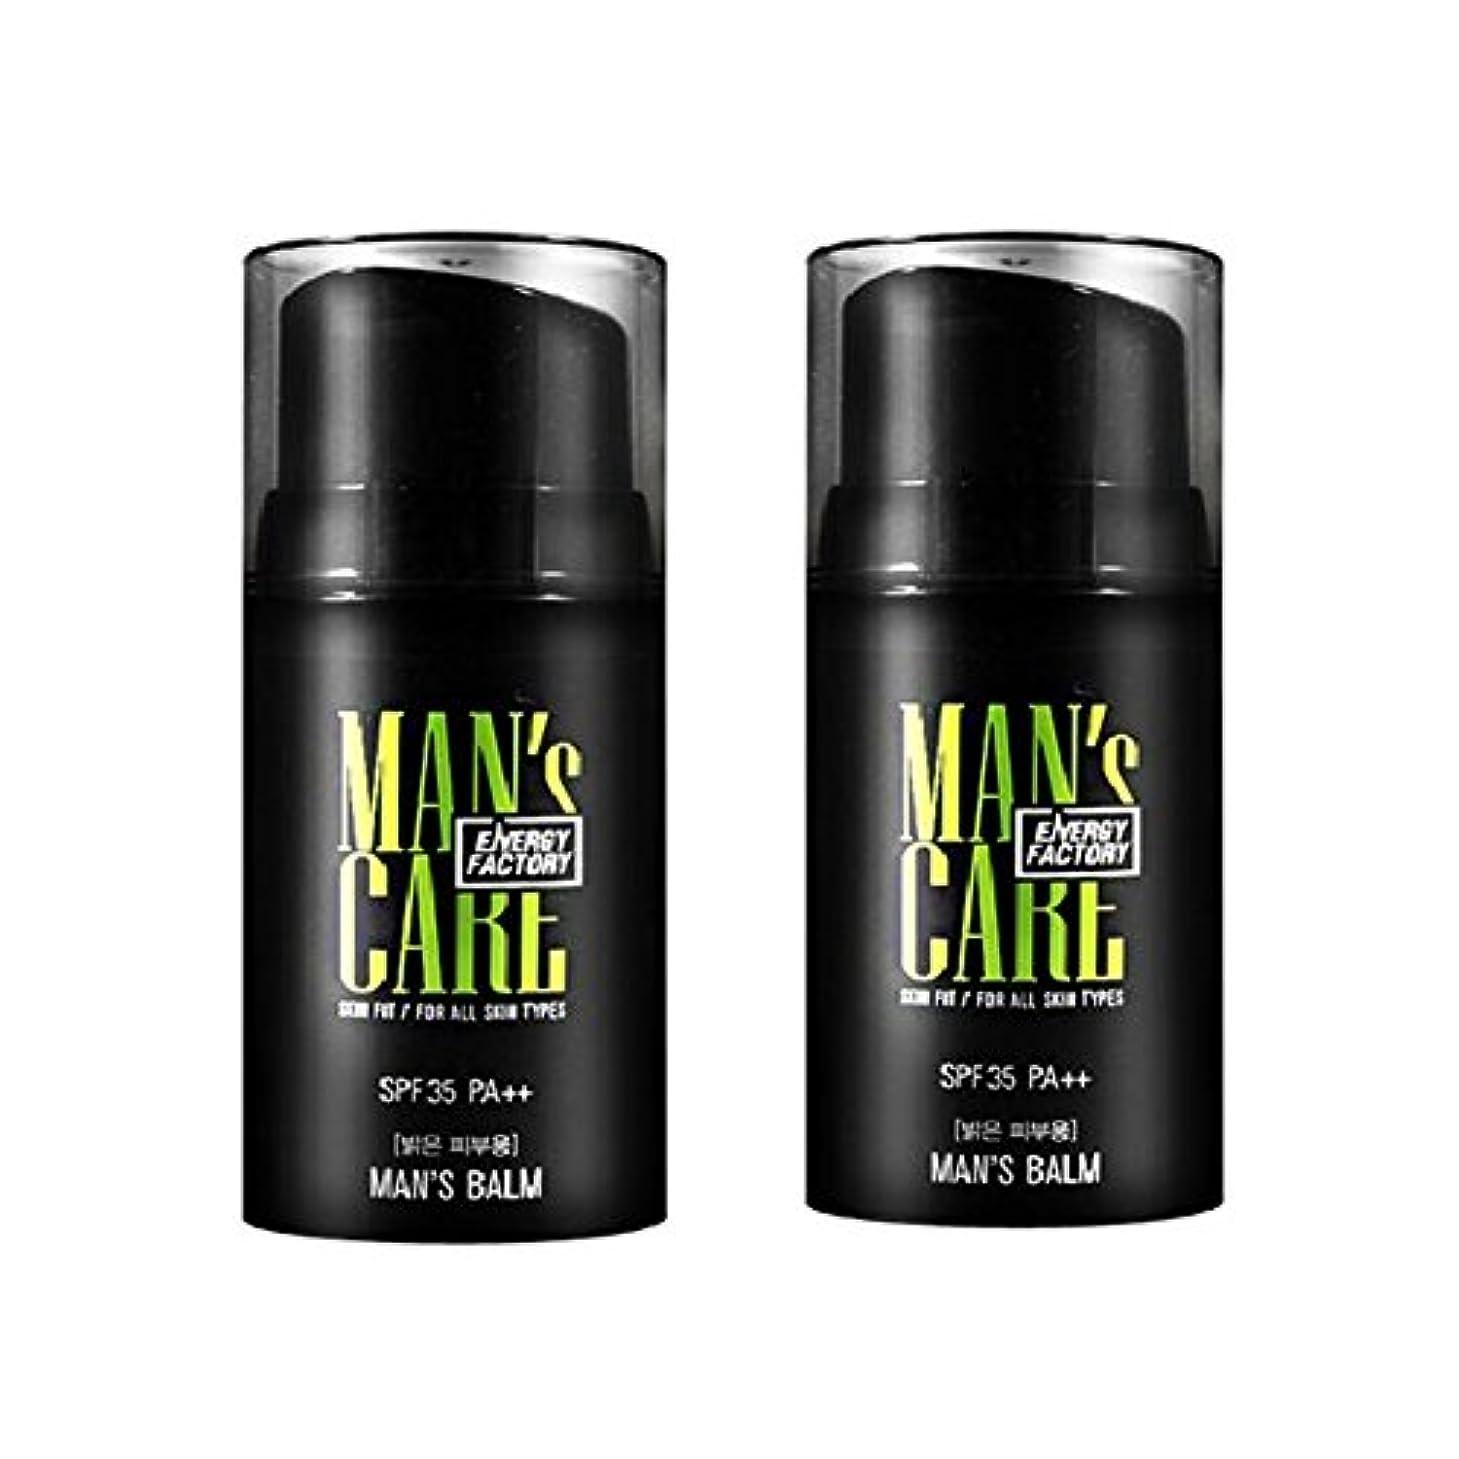 朝さびた鳴り響くメンズケアエネルギーファクトリースキンフィット?マンズ?Balm 50ml x 2本セット(明るい肌用、暗い肌用) メンズコスメ、Man's Care Energy Factory Skin Fit Man's Balm...